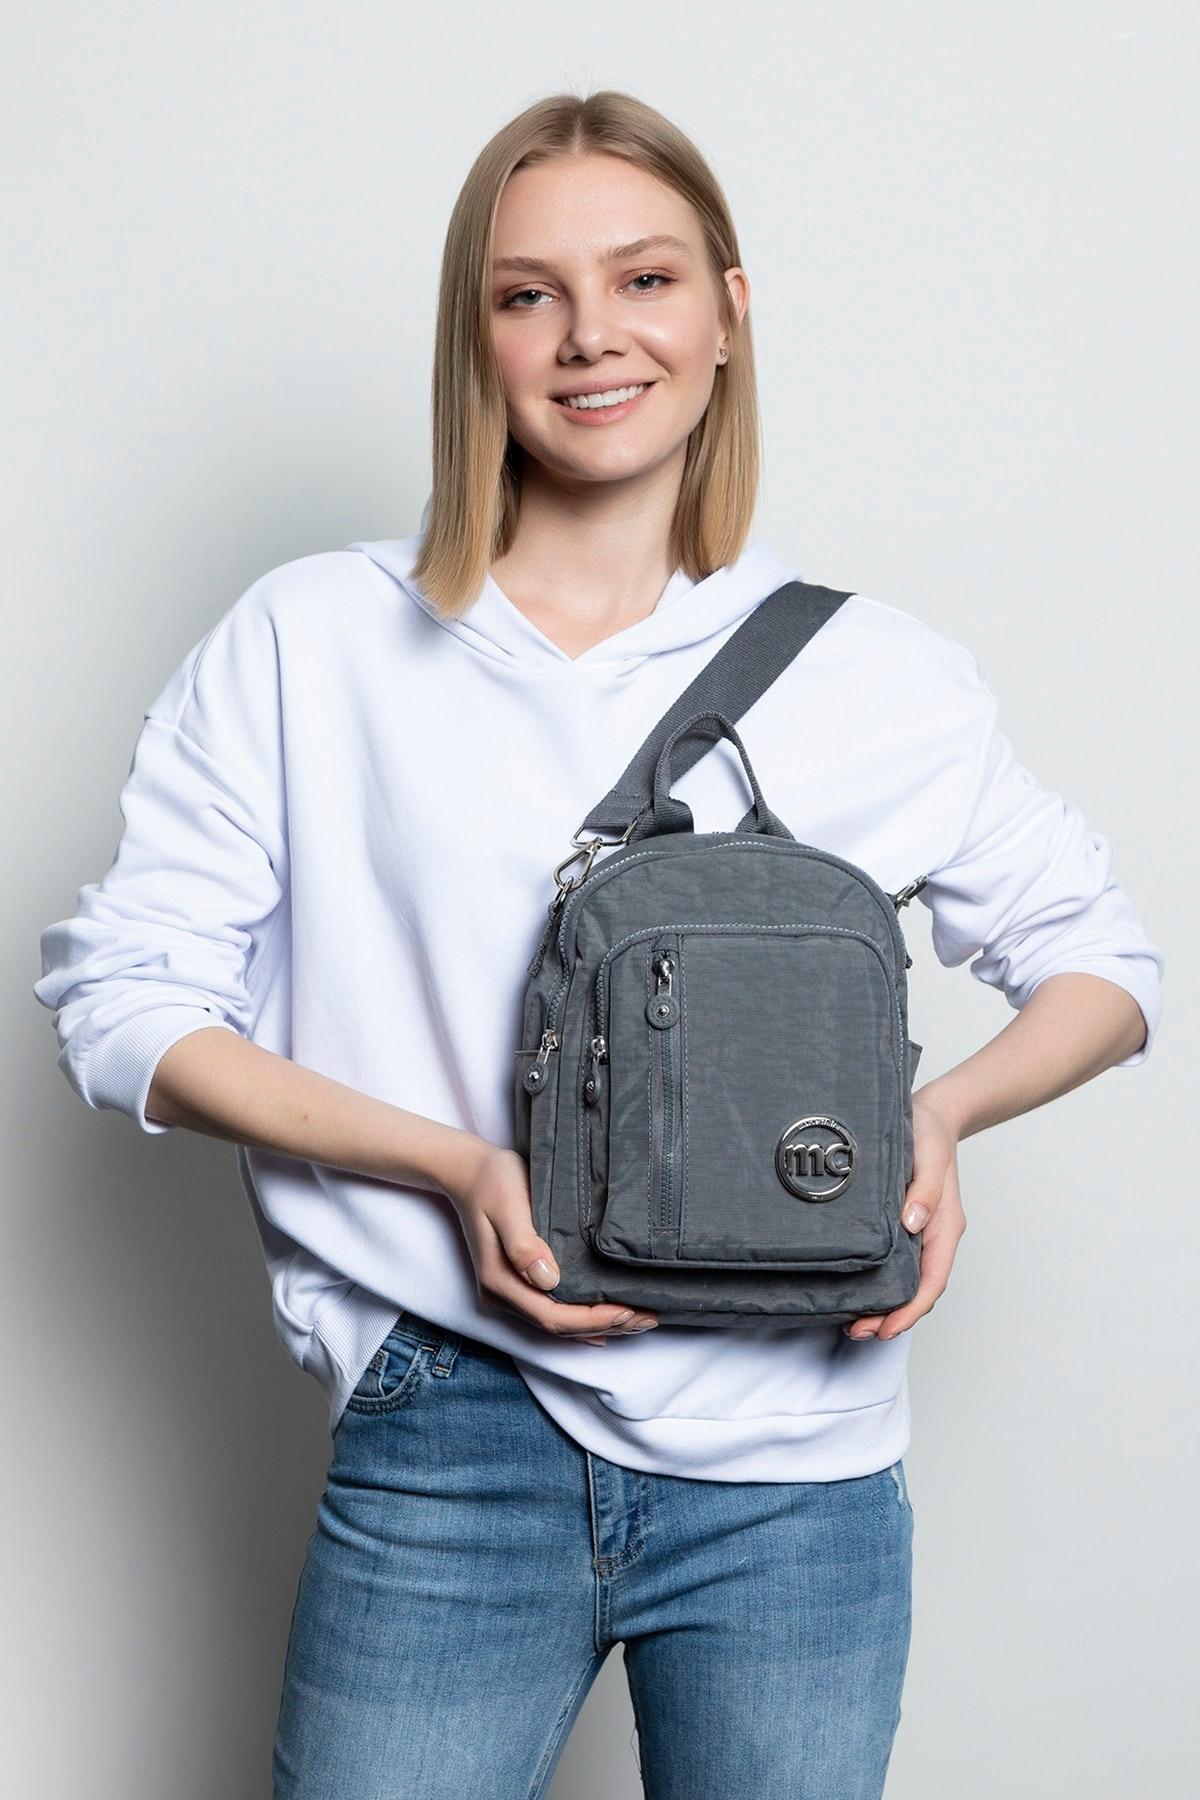 Серый женский рюкзак, женская сумка Rilla, женская сумка, рюкзак, женская сумка, женская сумка, женская кожаная сумка для покупок